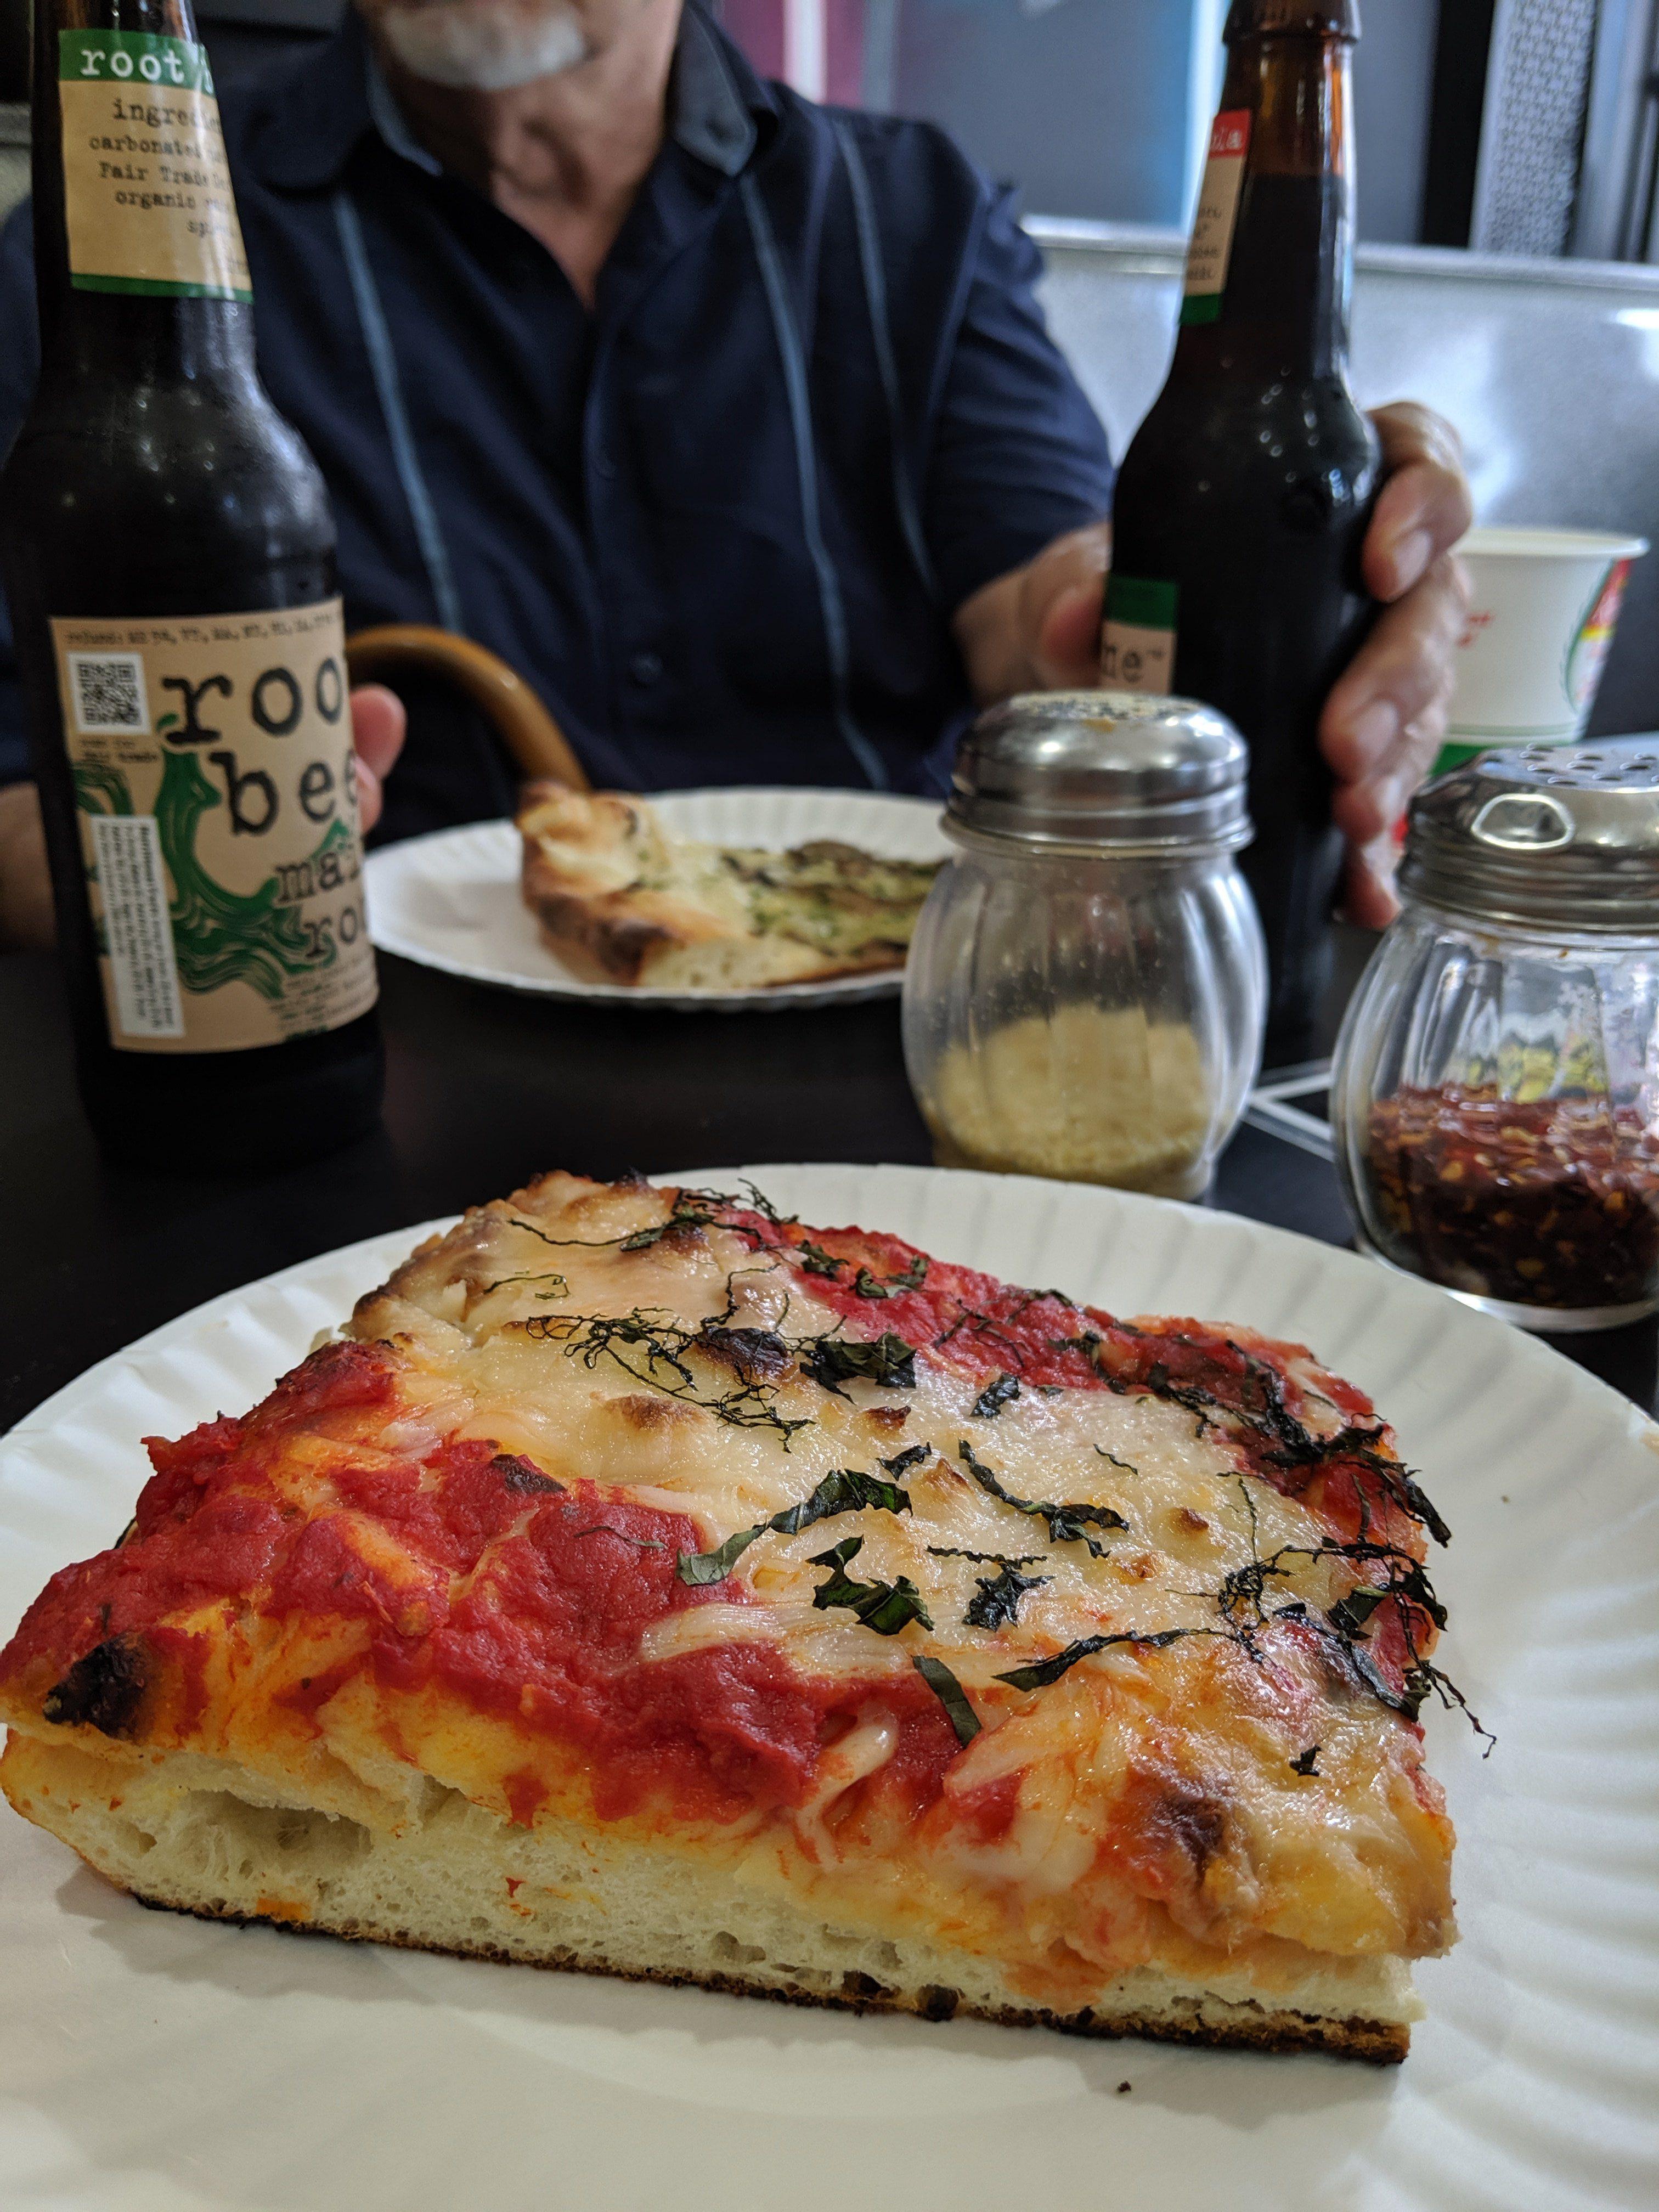 vegan pizza at Screamers Pizza in New York